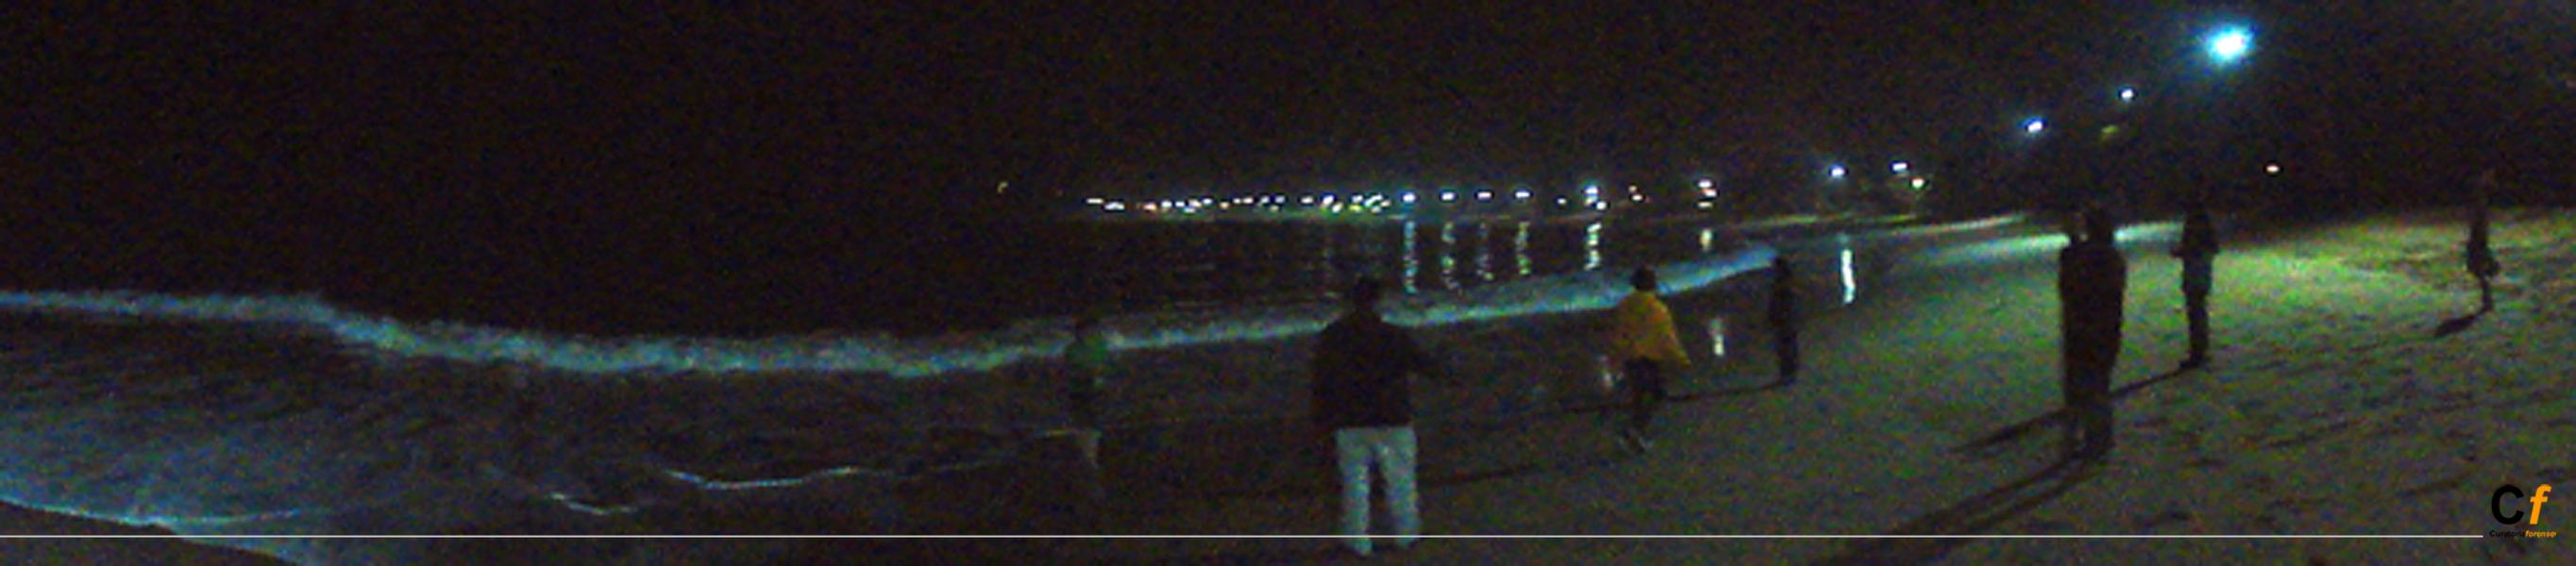 vista nocturna de la praia de Boiçucanga, Sao Paulo, Brasil